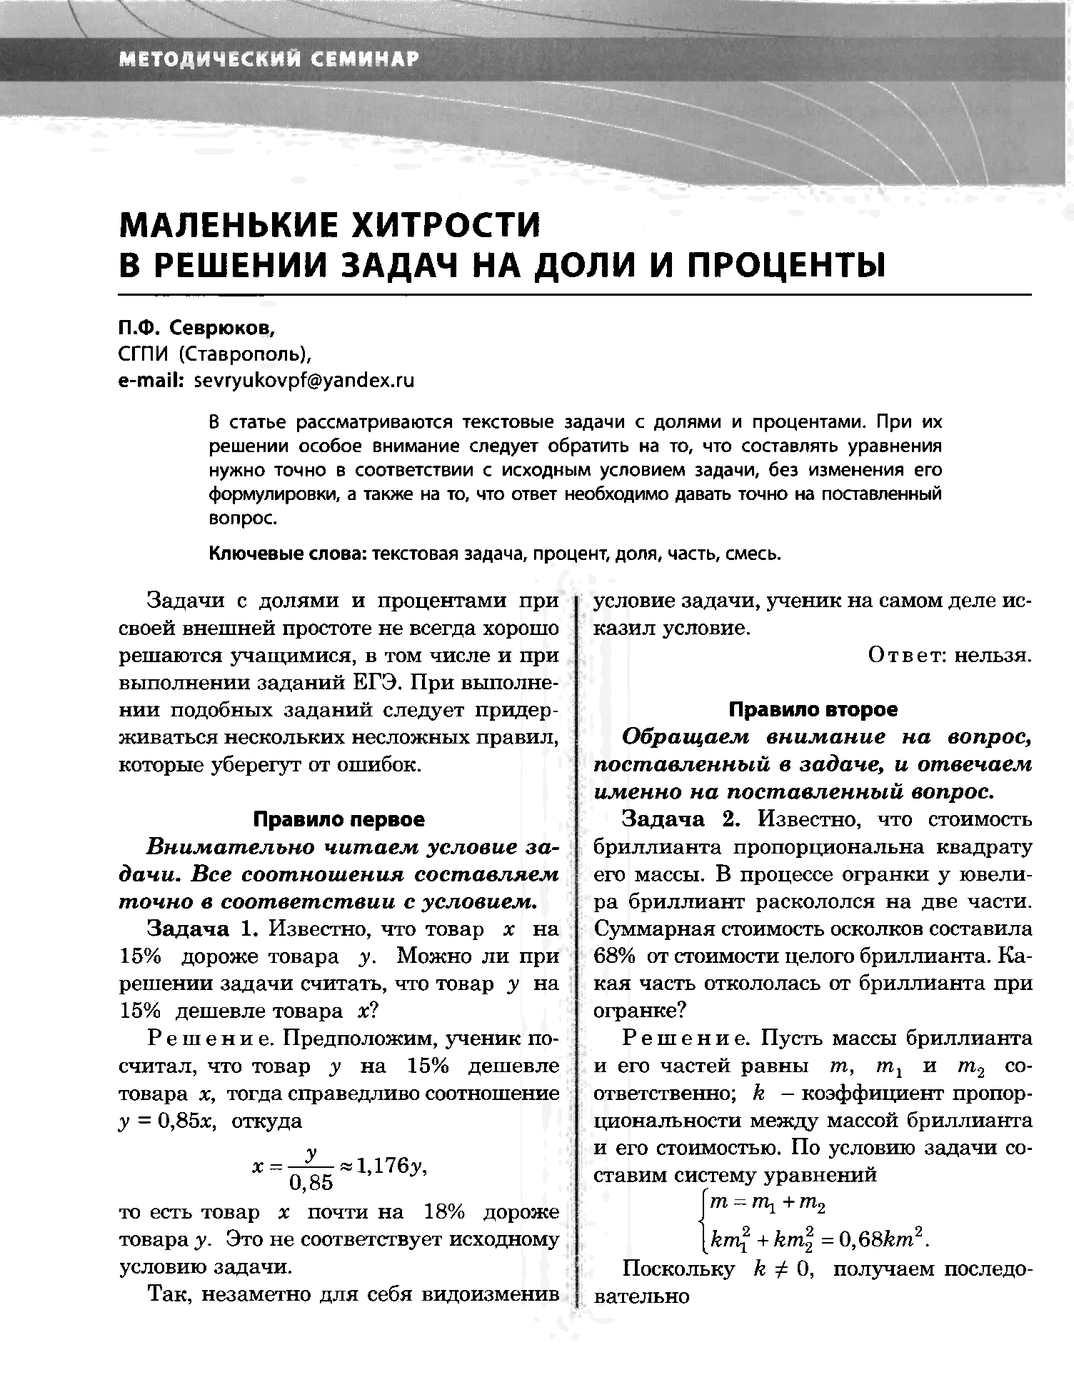 П.Ф.Севрюков Маленькие хитрости в решении задач на доли и проценты